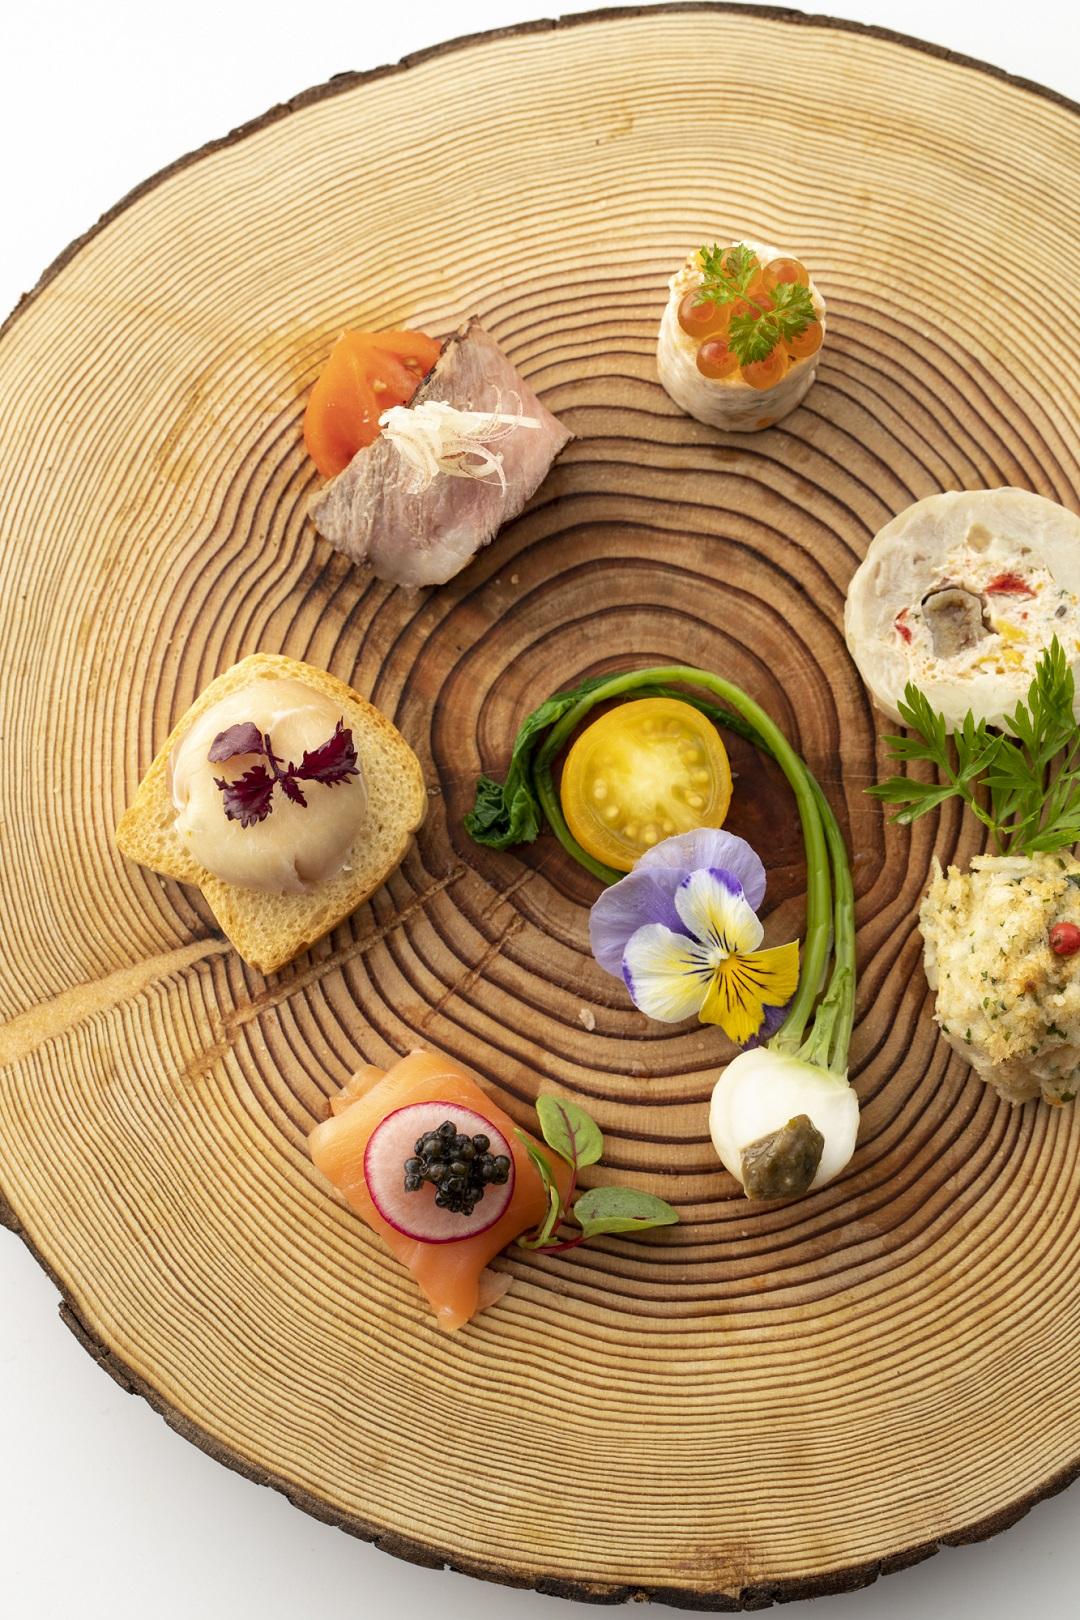 香川県高松市の結婚式場アナザースタイルの婚礼料理